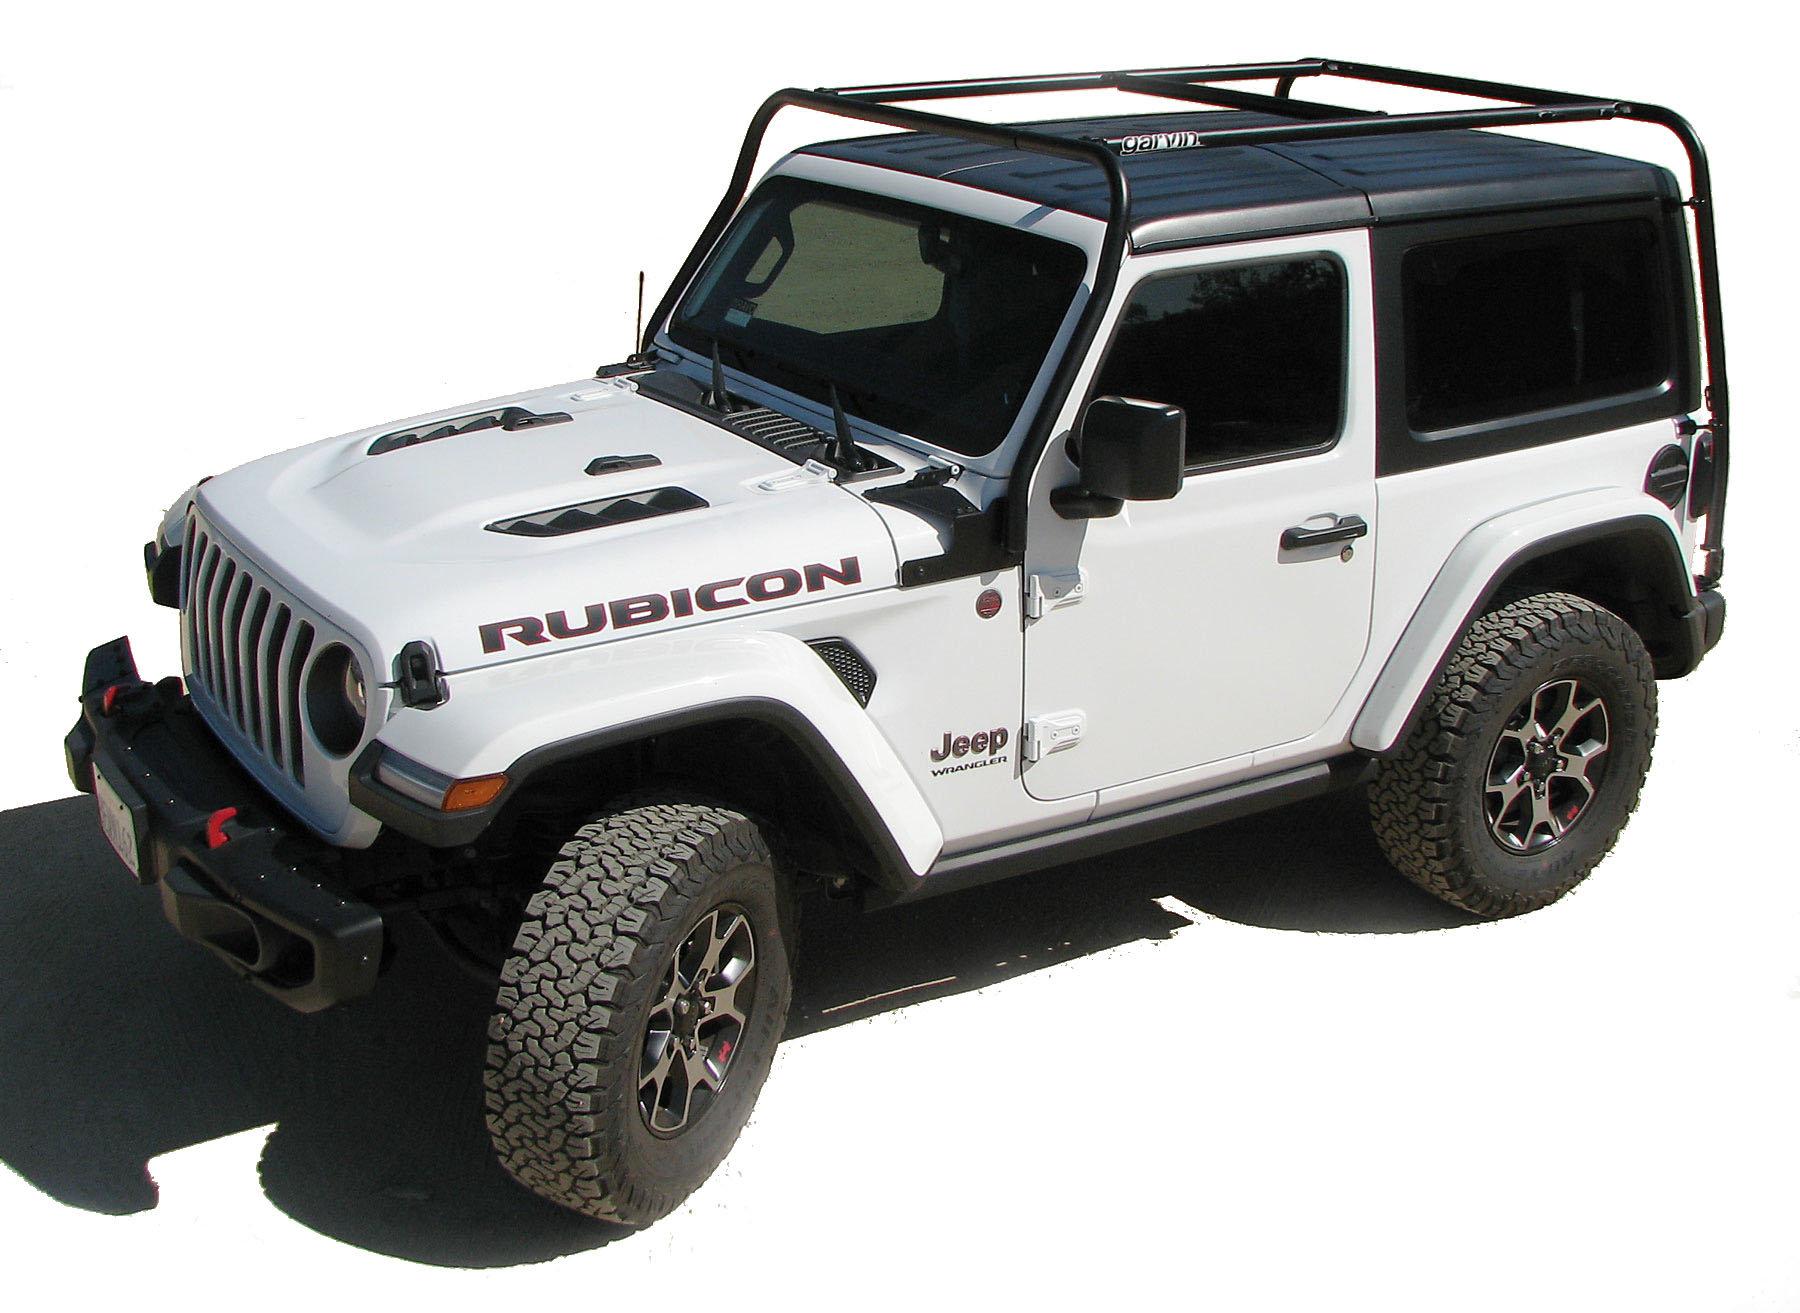 garvin 20092 adventure rack for 18 21 jeep wrangler jl 2 door